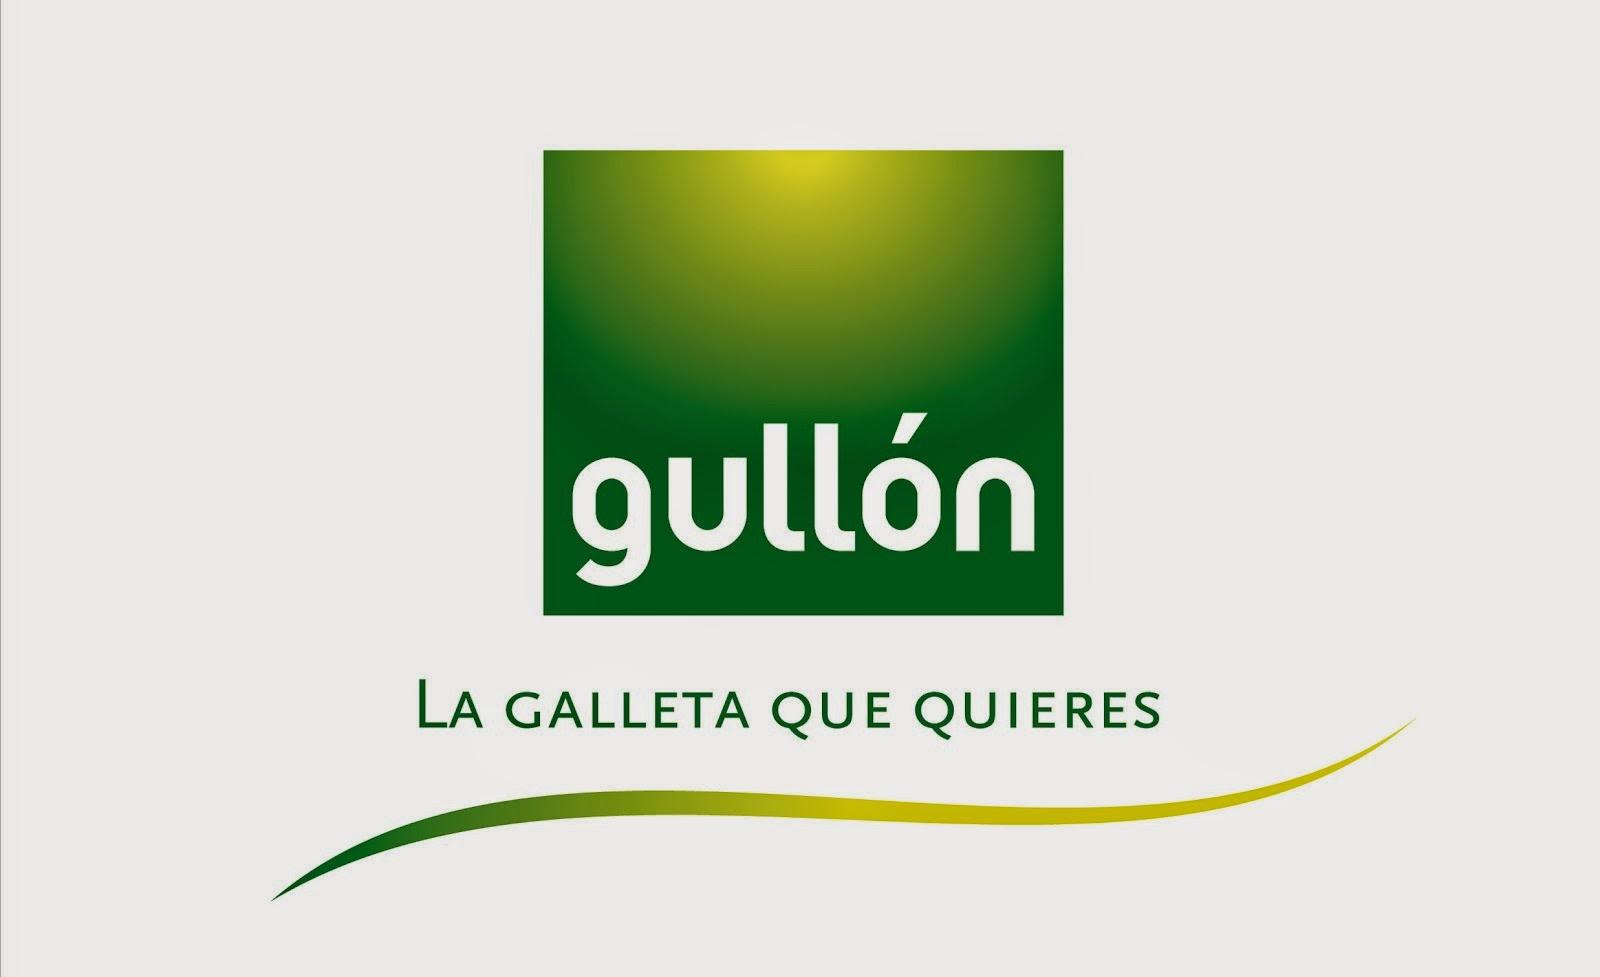 PRODUCTOS SIN GLUTEN-GULLON